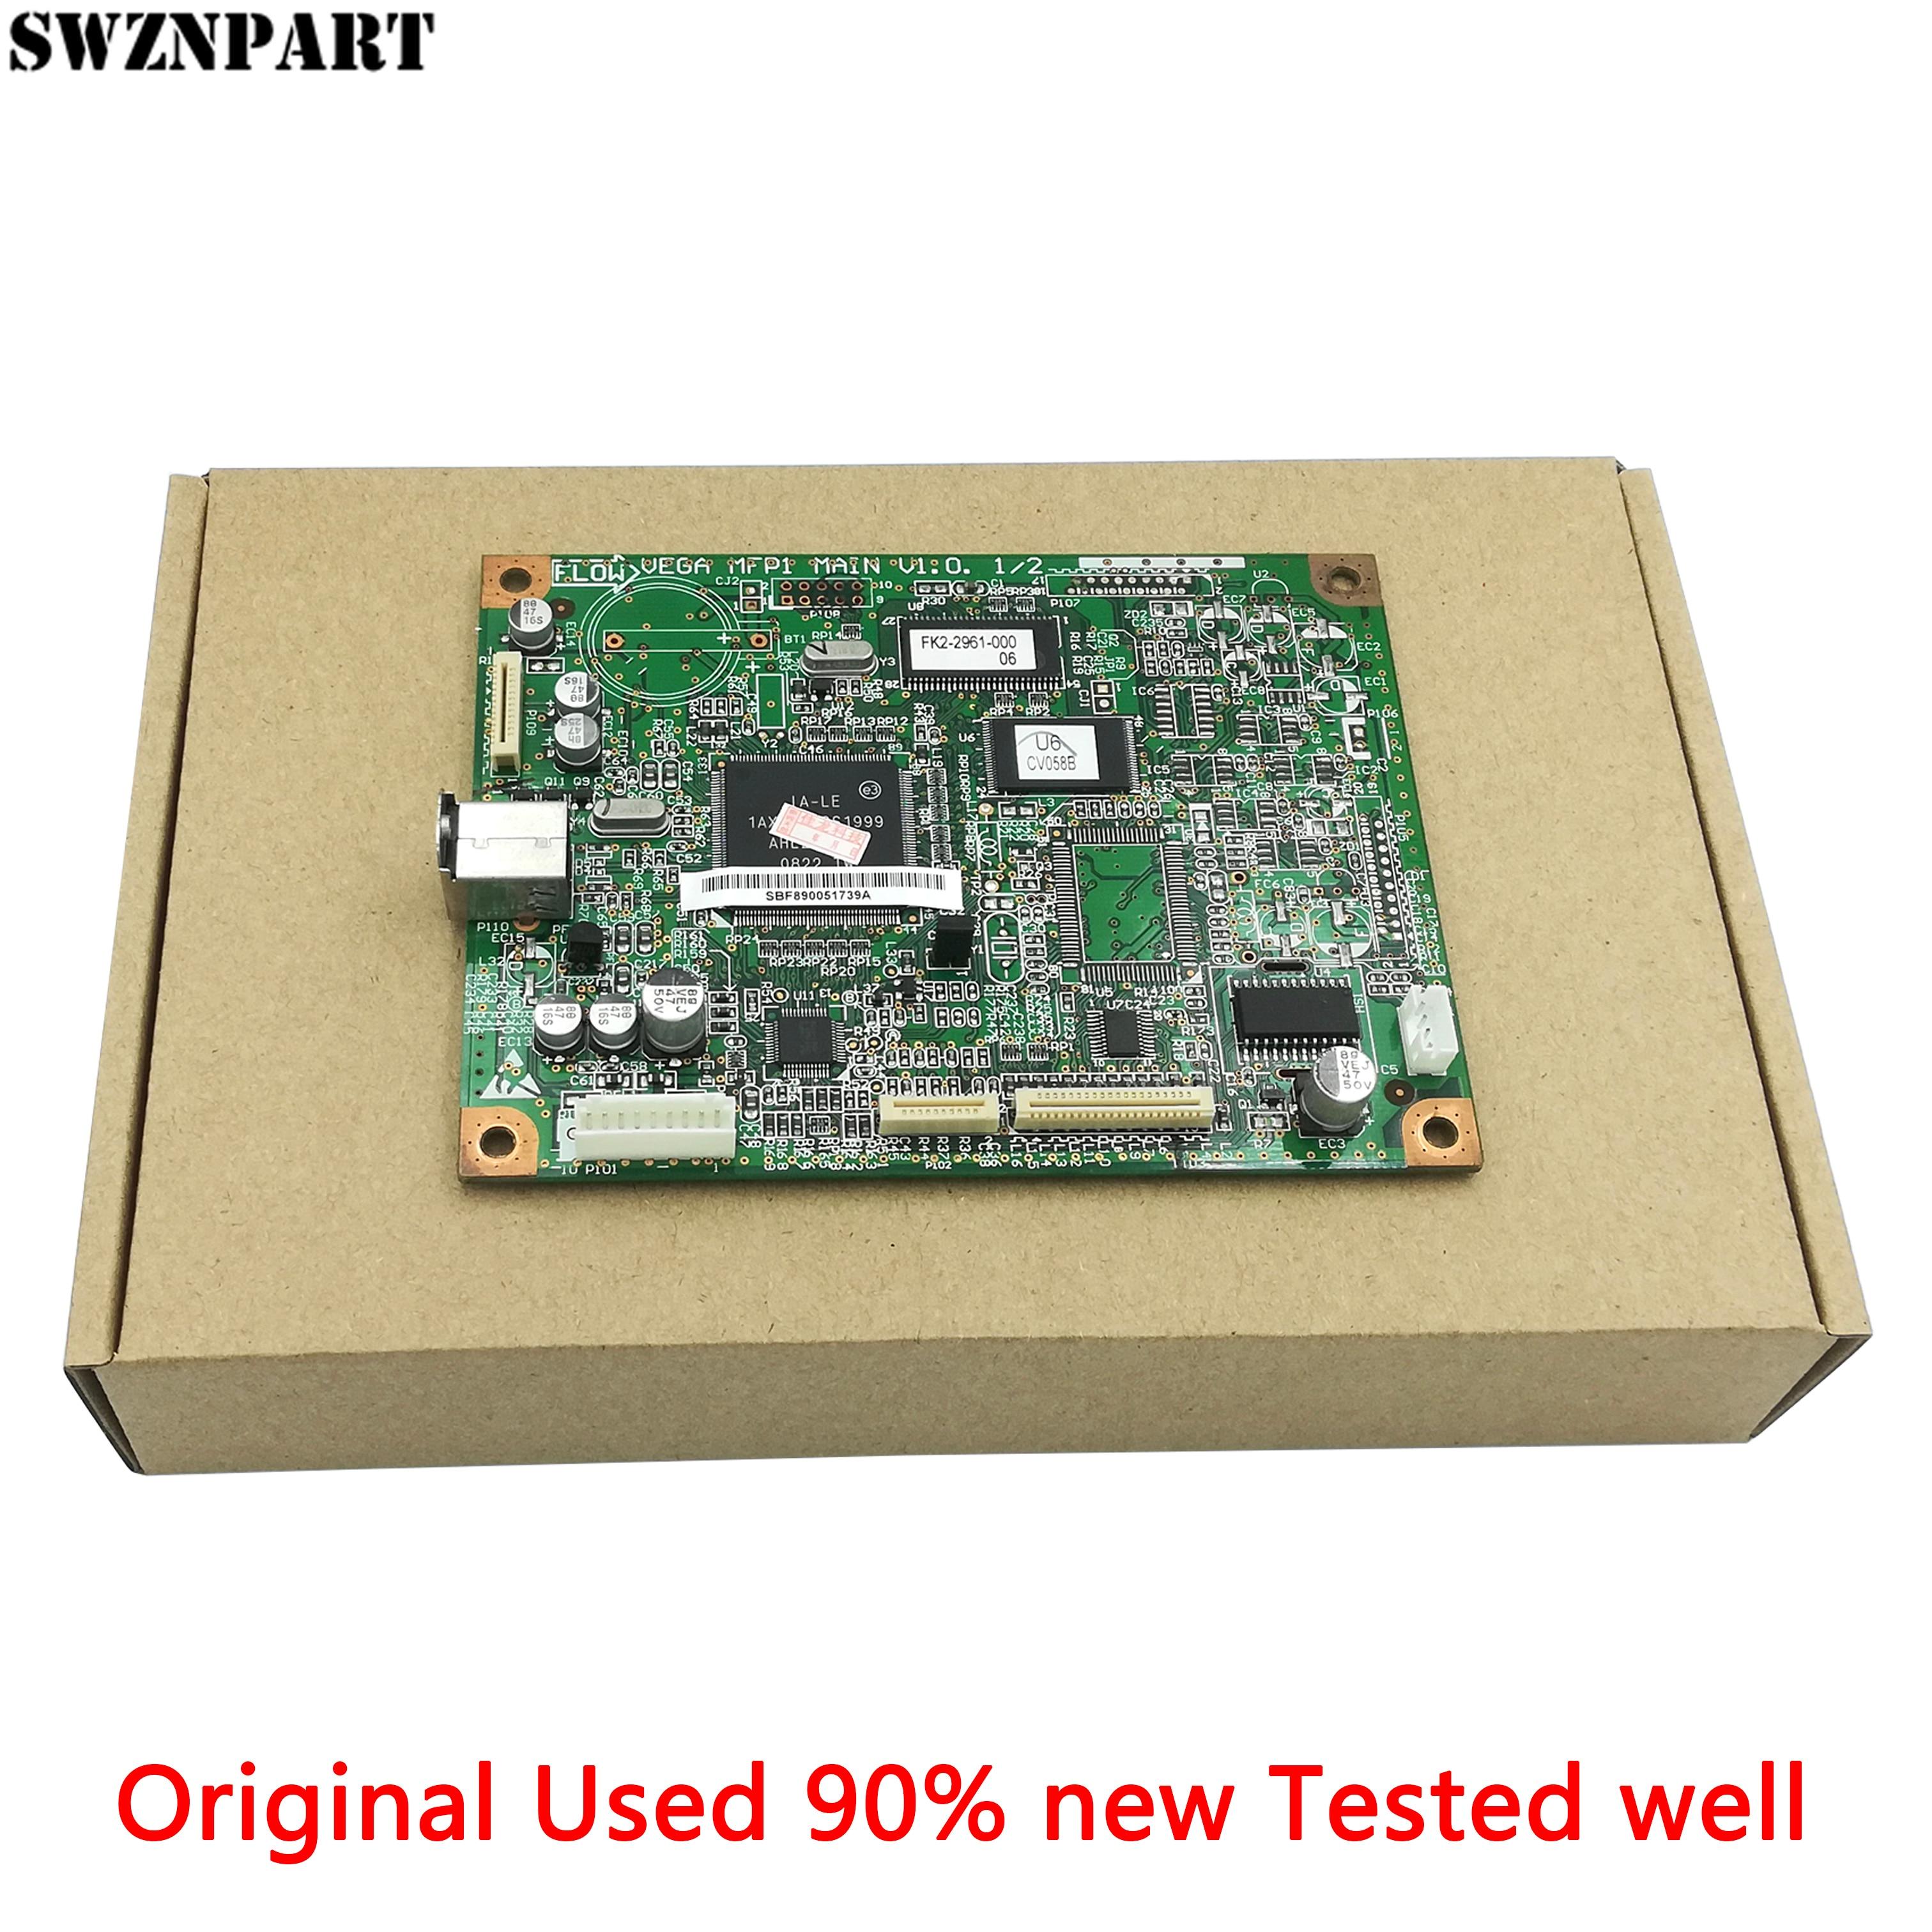 FORMATTER PCA ASSY Formatter Board Used Logic Main Board For Canon MF3220 MF3222 MF3228 MF 3220 3228 3222 FK2-3566 FK2-3566-000